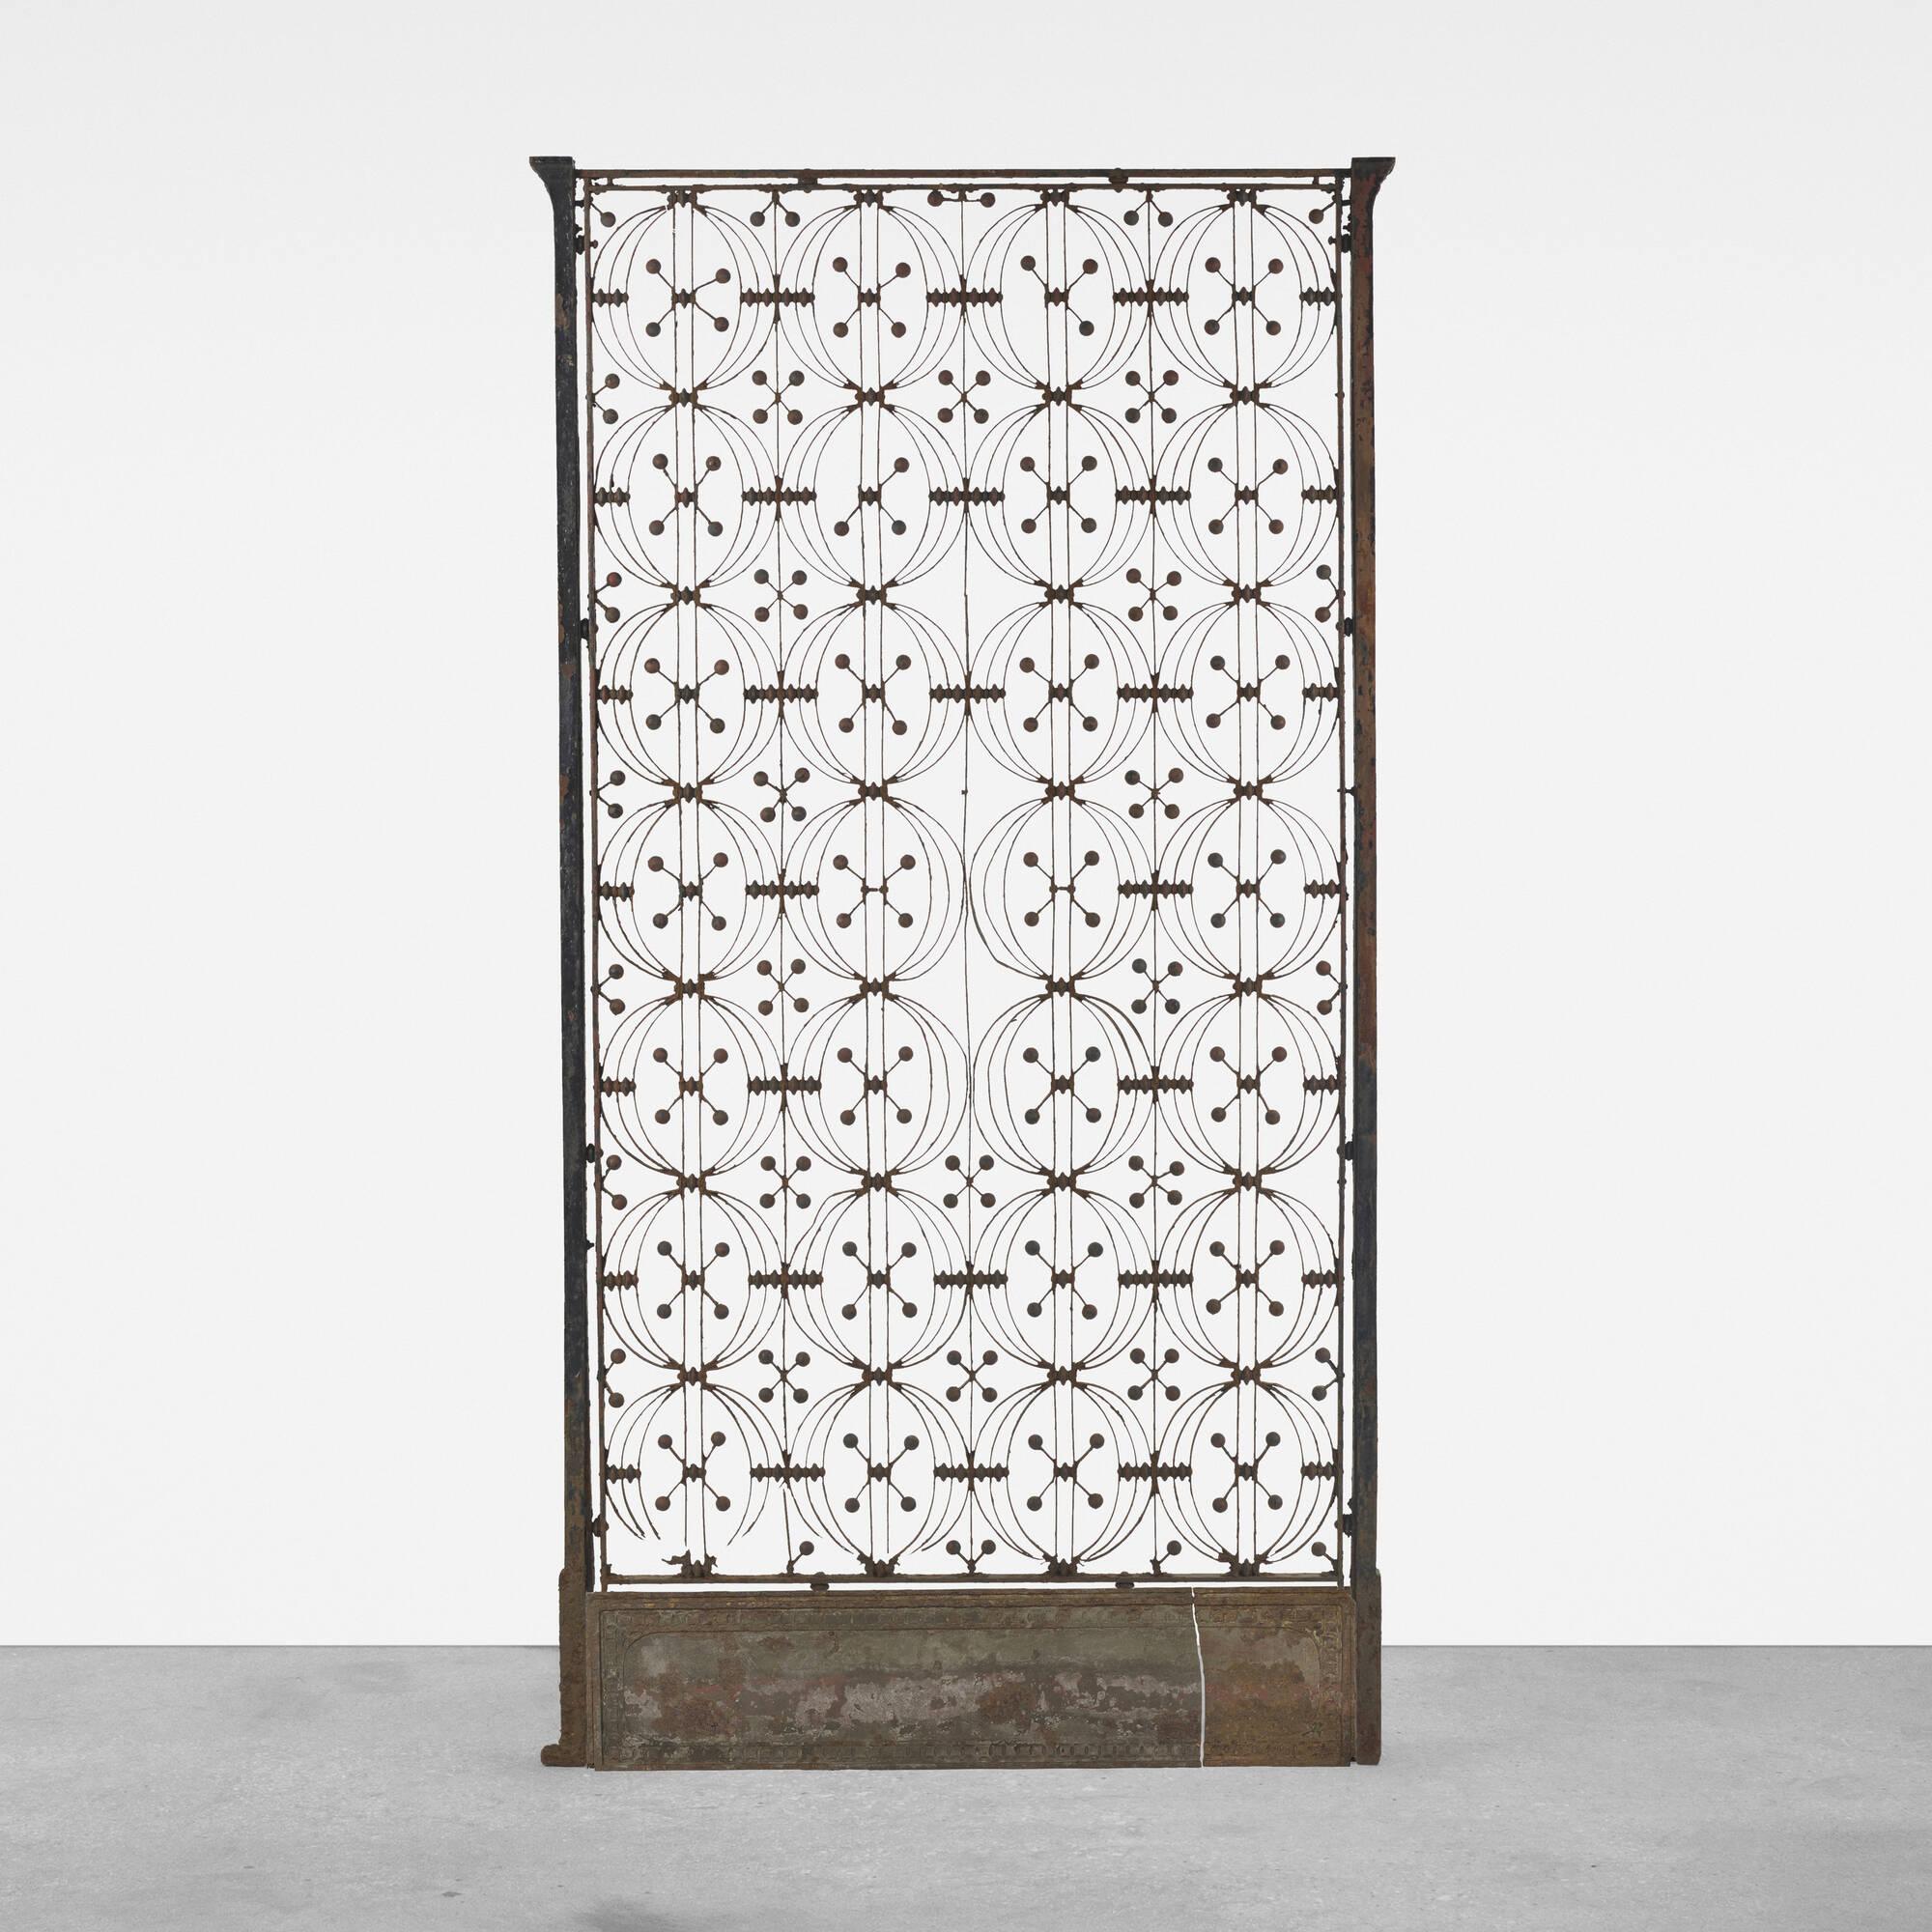 283: Dankmar Adler and Louis Sullivan / elevator door from the Chicago Stock Exchange (1 of 2)